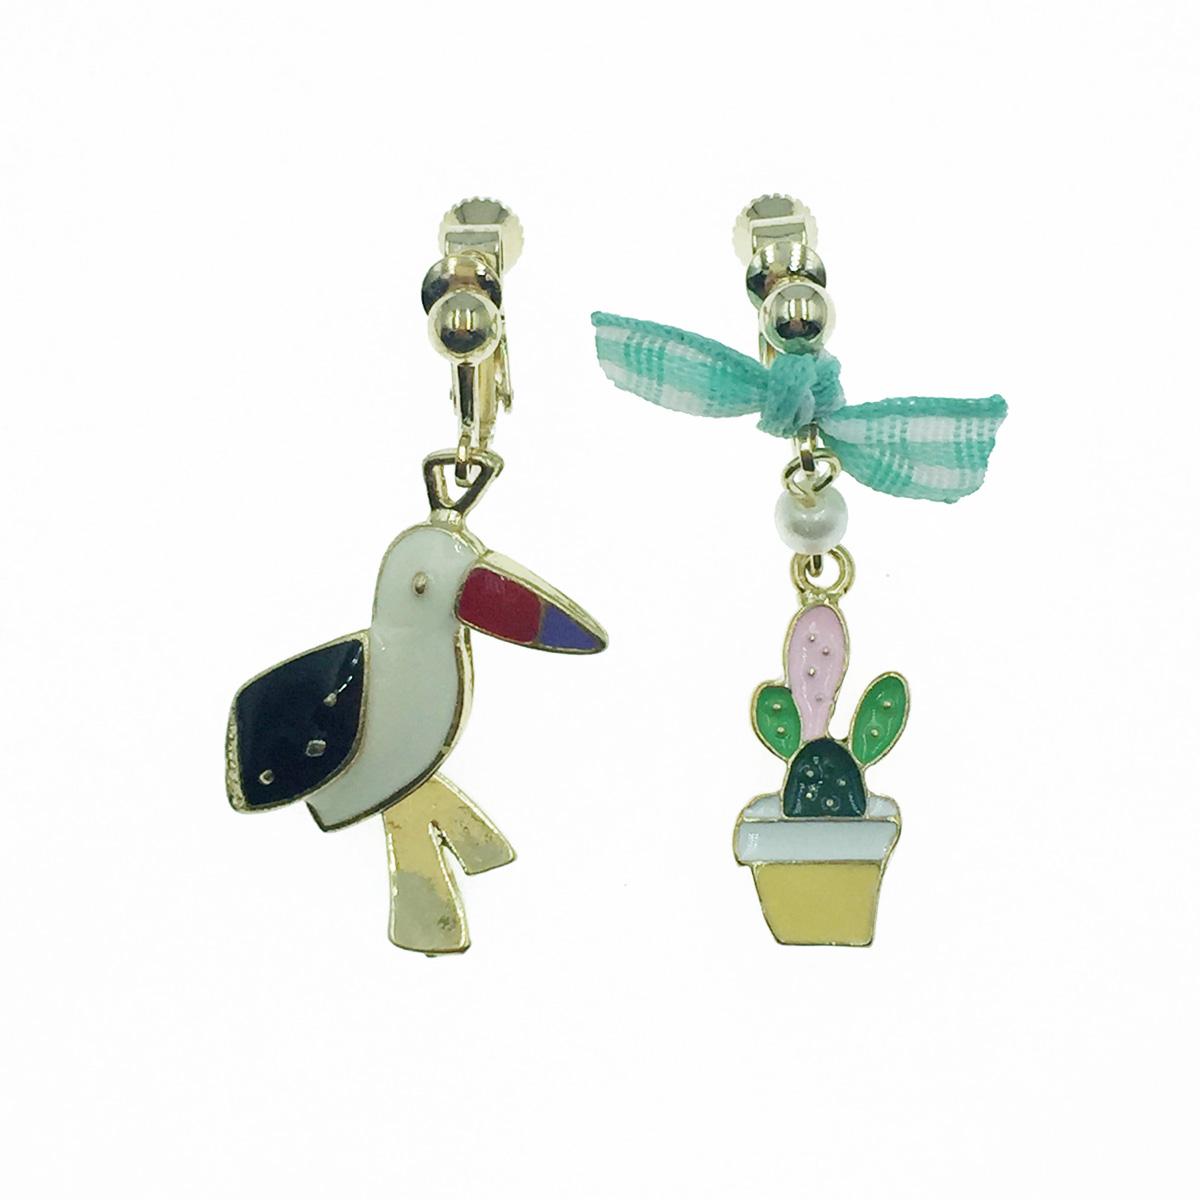 韓國 鳥 仙人掌 蝴蝶結 珍珠 不對稱 垂墜感 夾式耳環